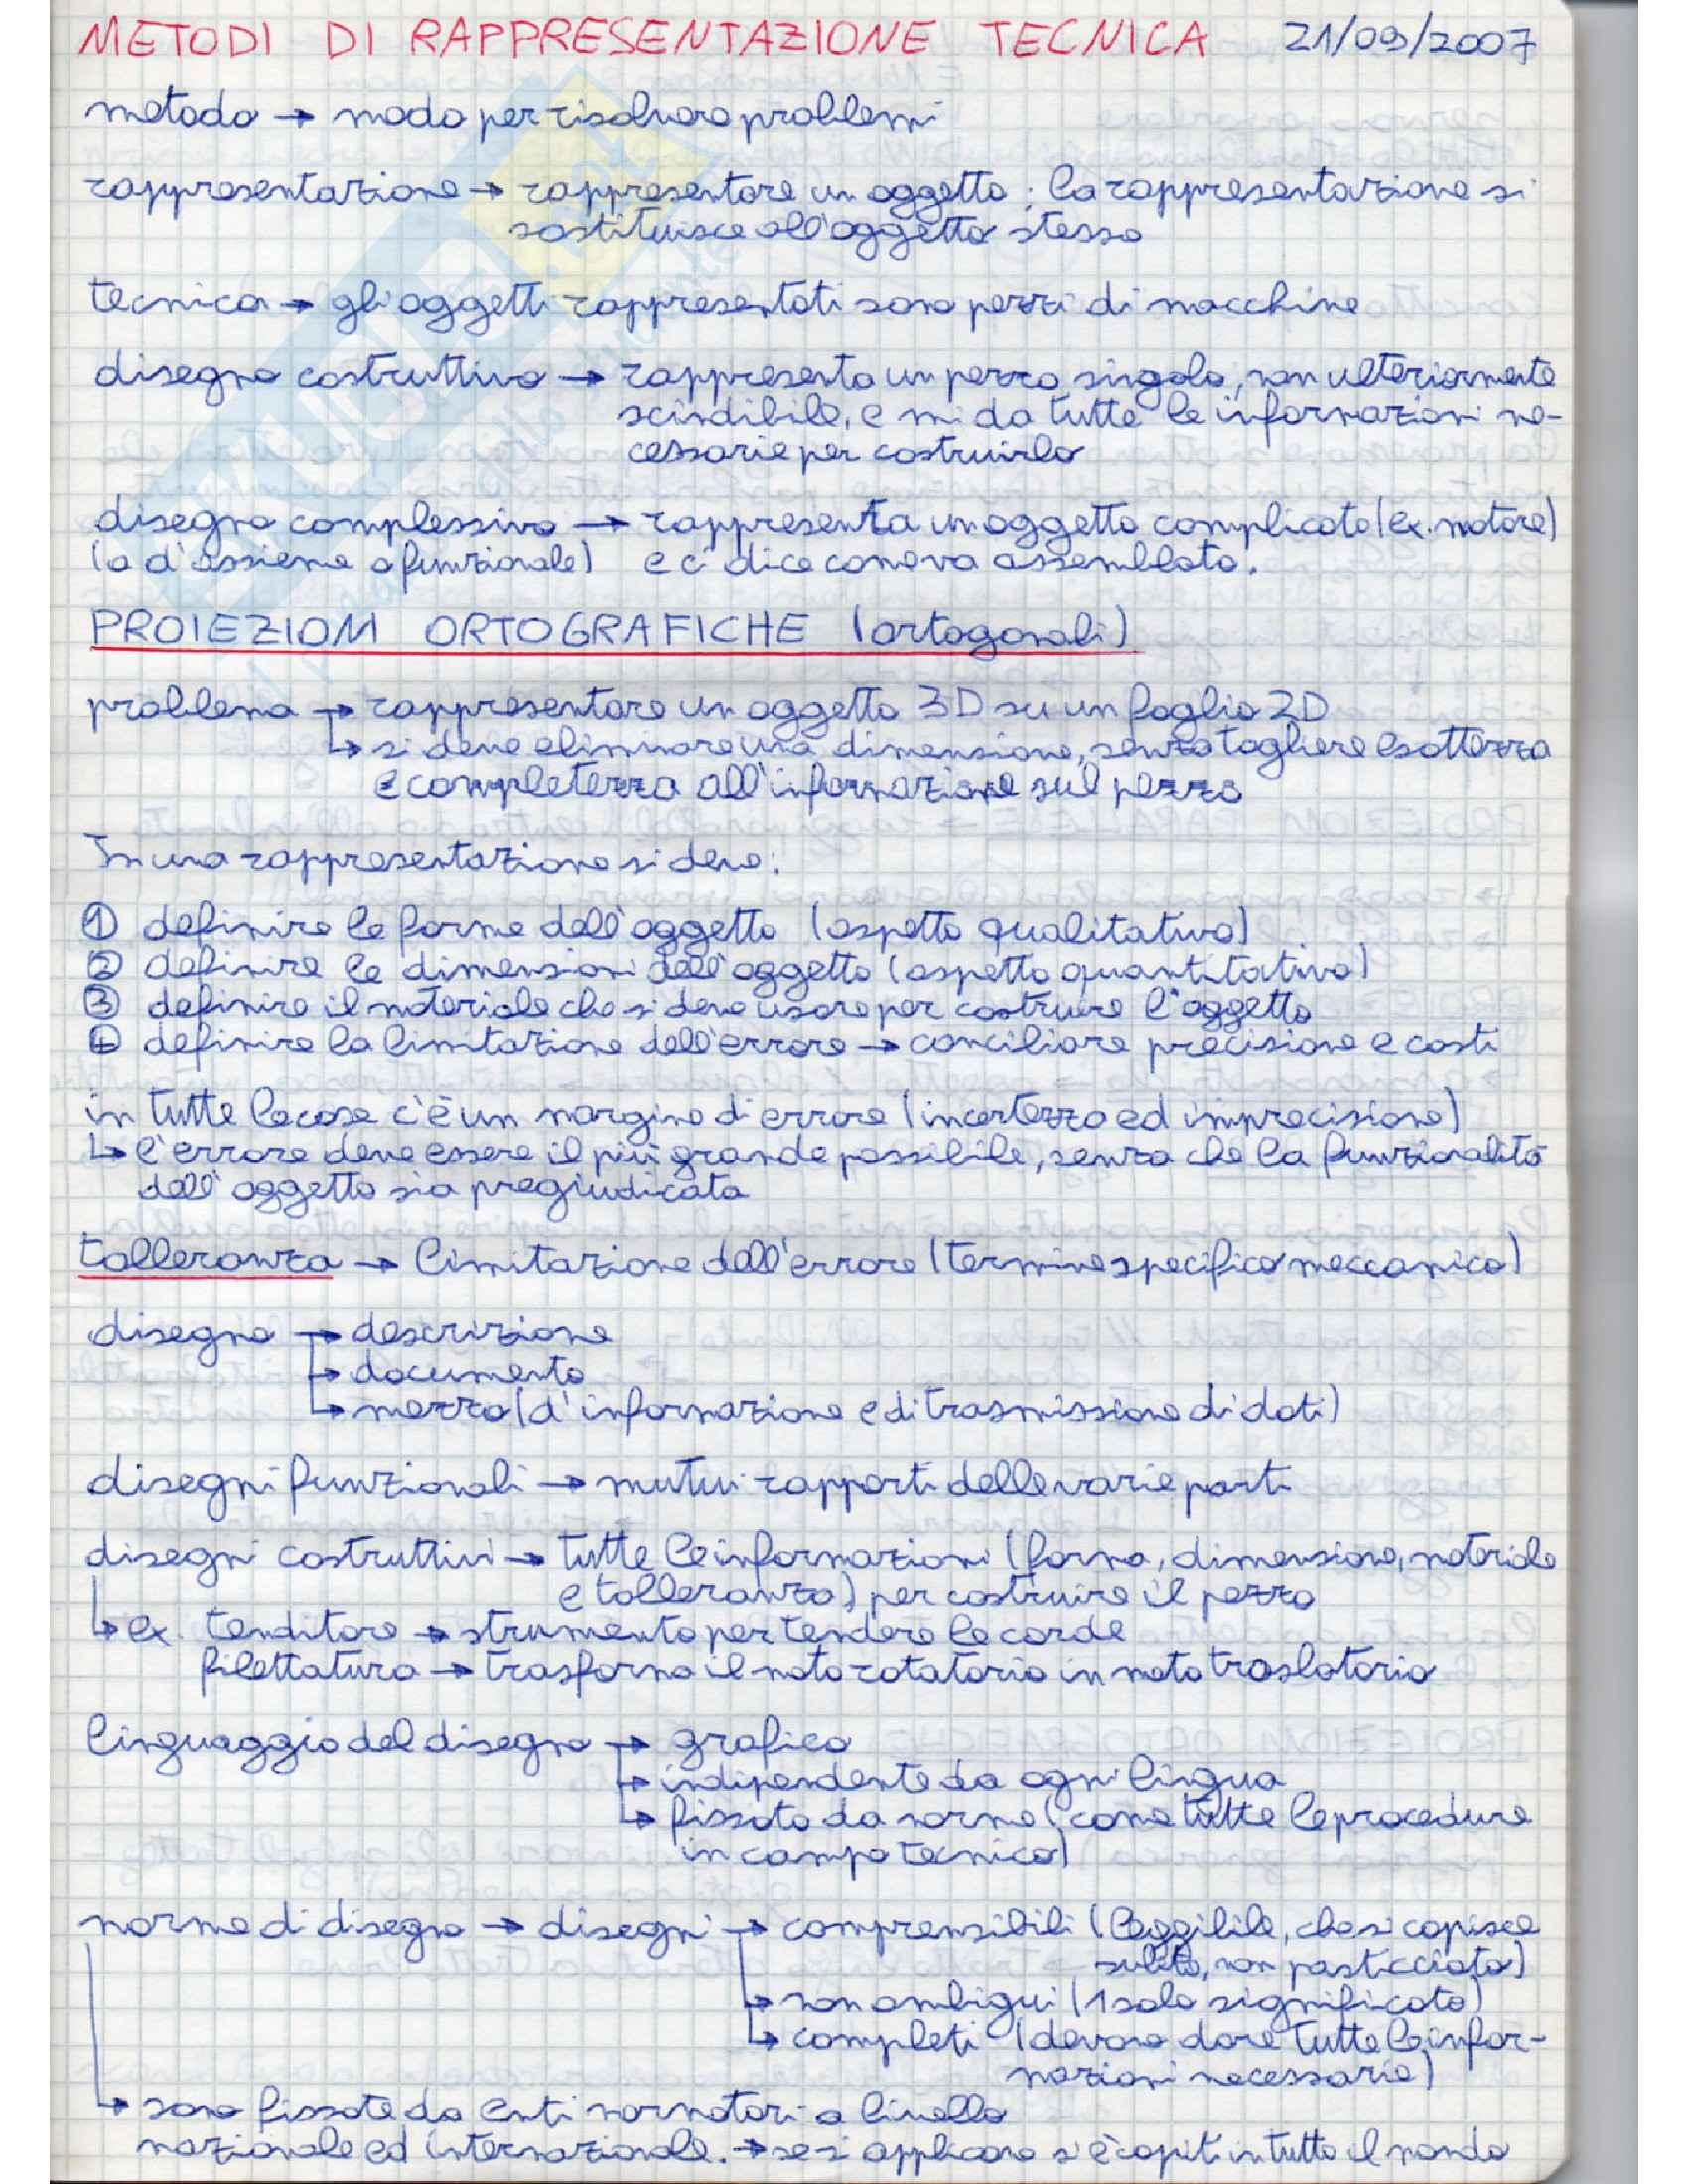 appunto P. Chiabert Metodi di Rappresentazione Tecnica